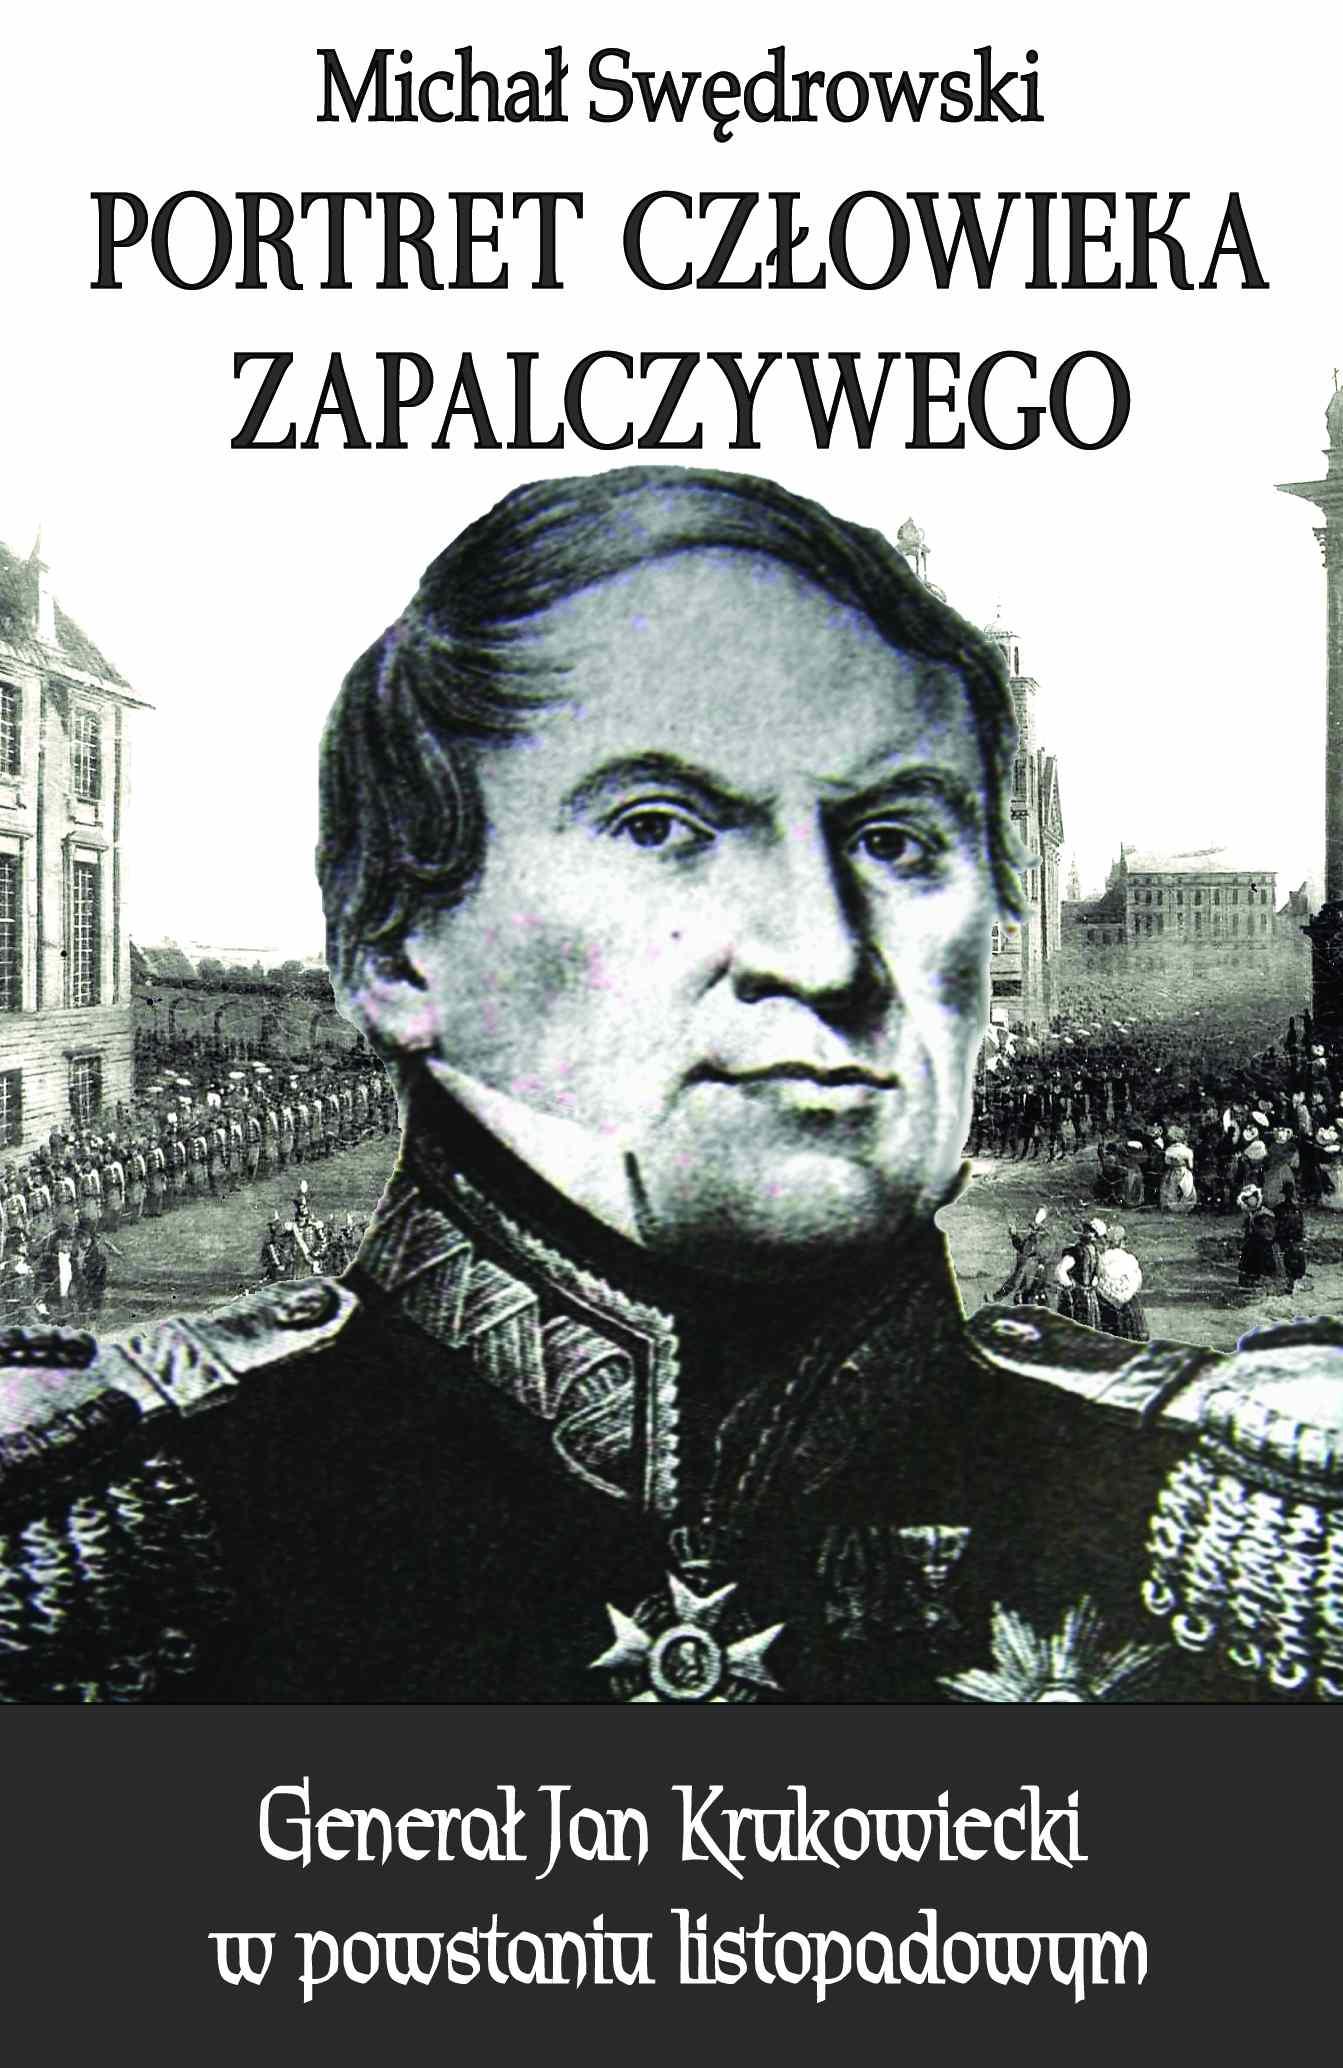 Portret człowieka zapalczywego. Generał Jan Krukowiecki w powstaniu listopadowym - Ebook (Książka na Kindle) do pobrania w formacie MOBI